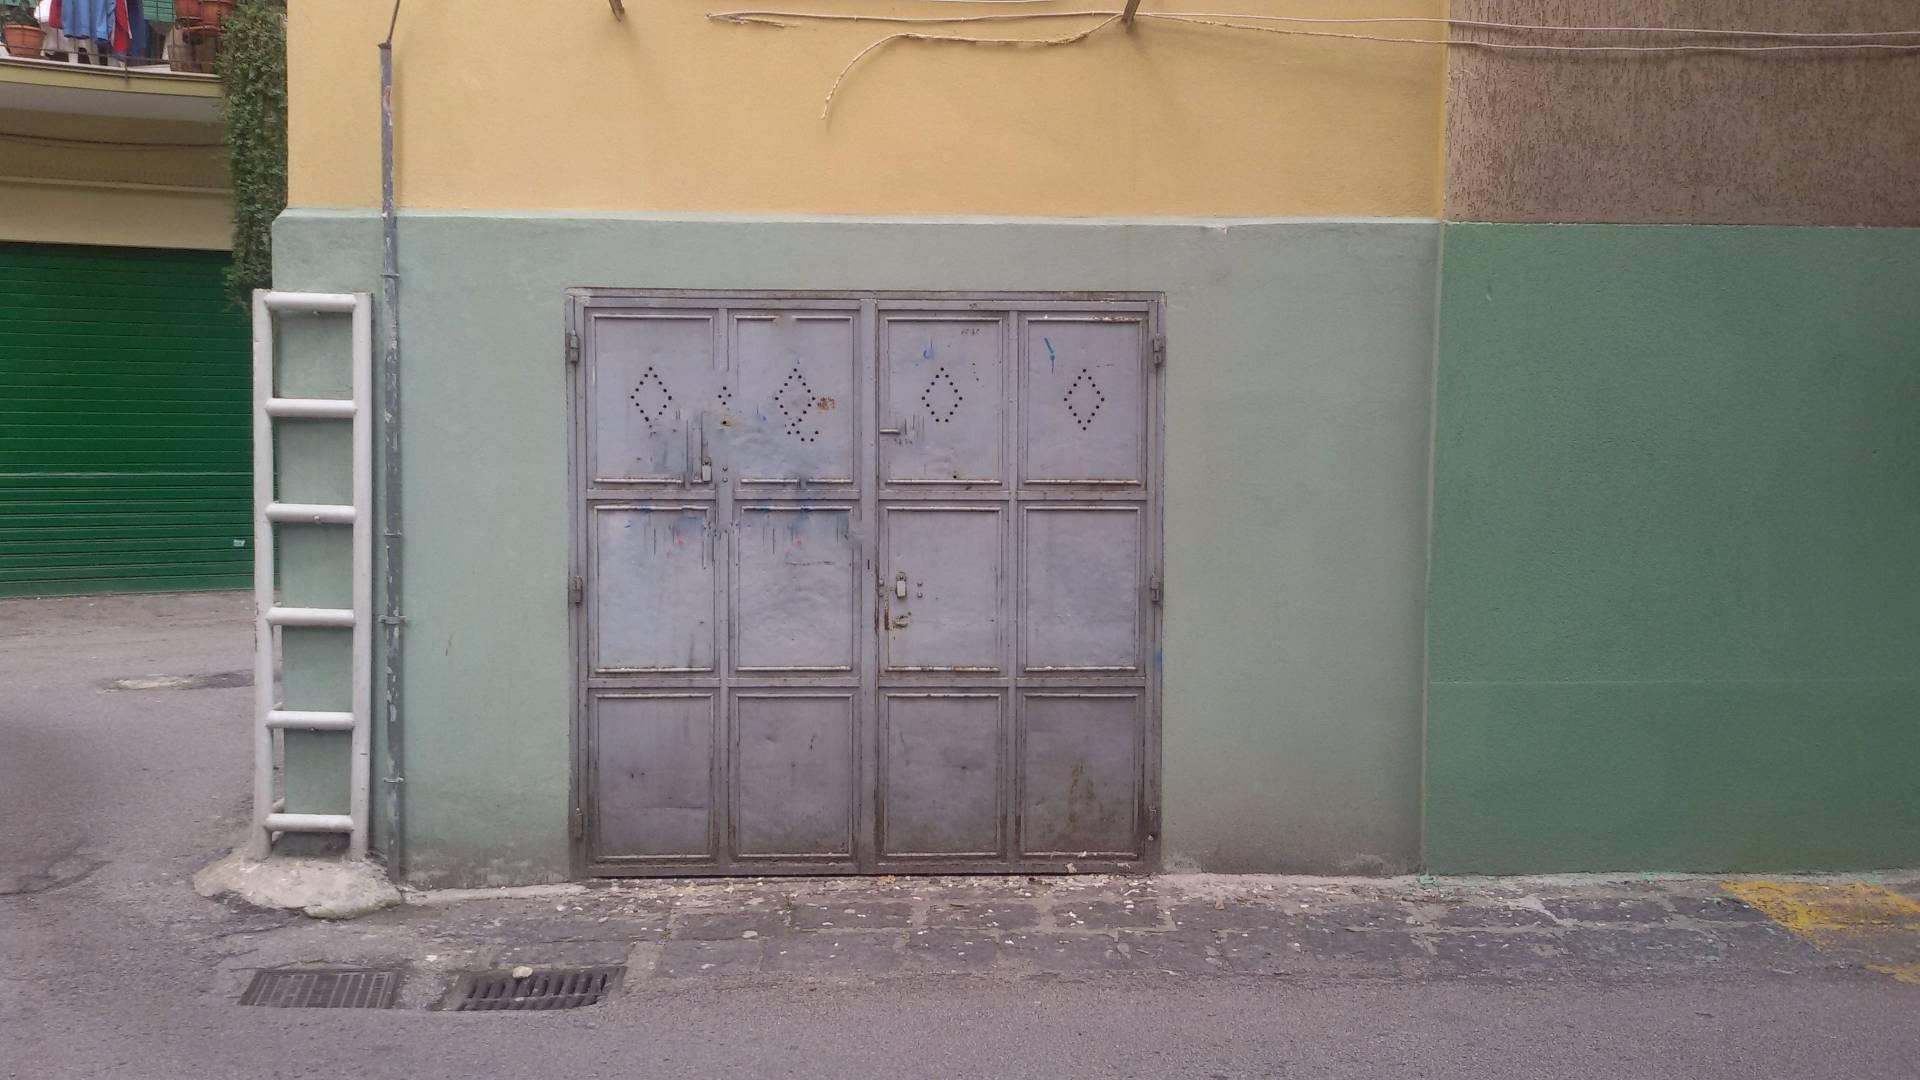 Magazzino in vendita a Salerno, 9999 locali, prezzo € 40.000 | Cambio Casa.it